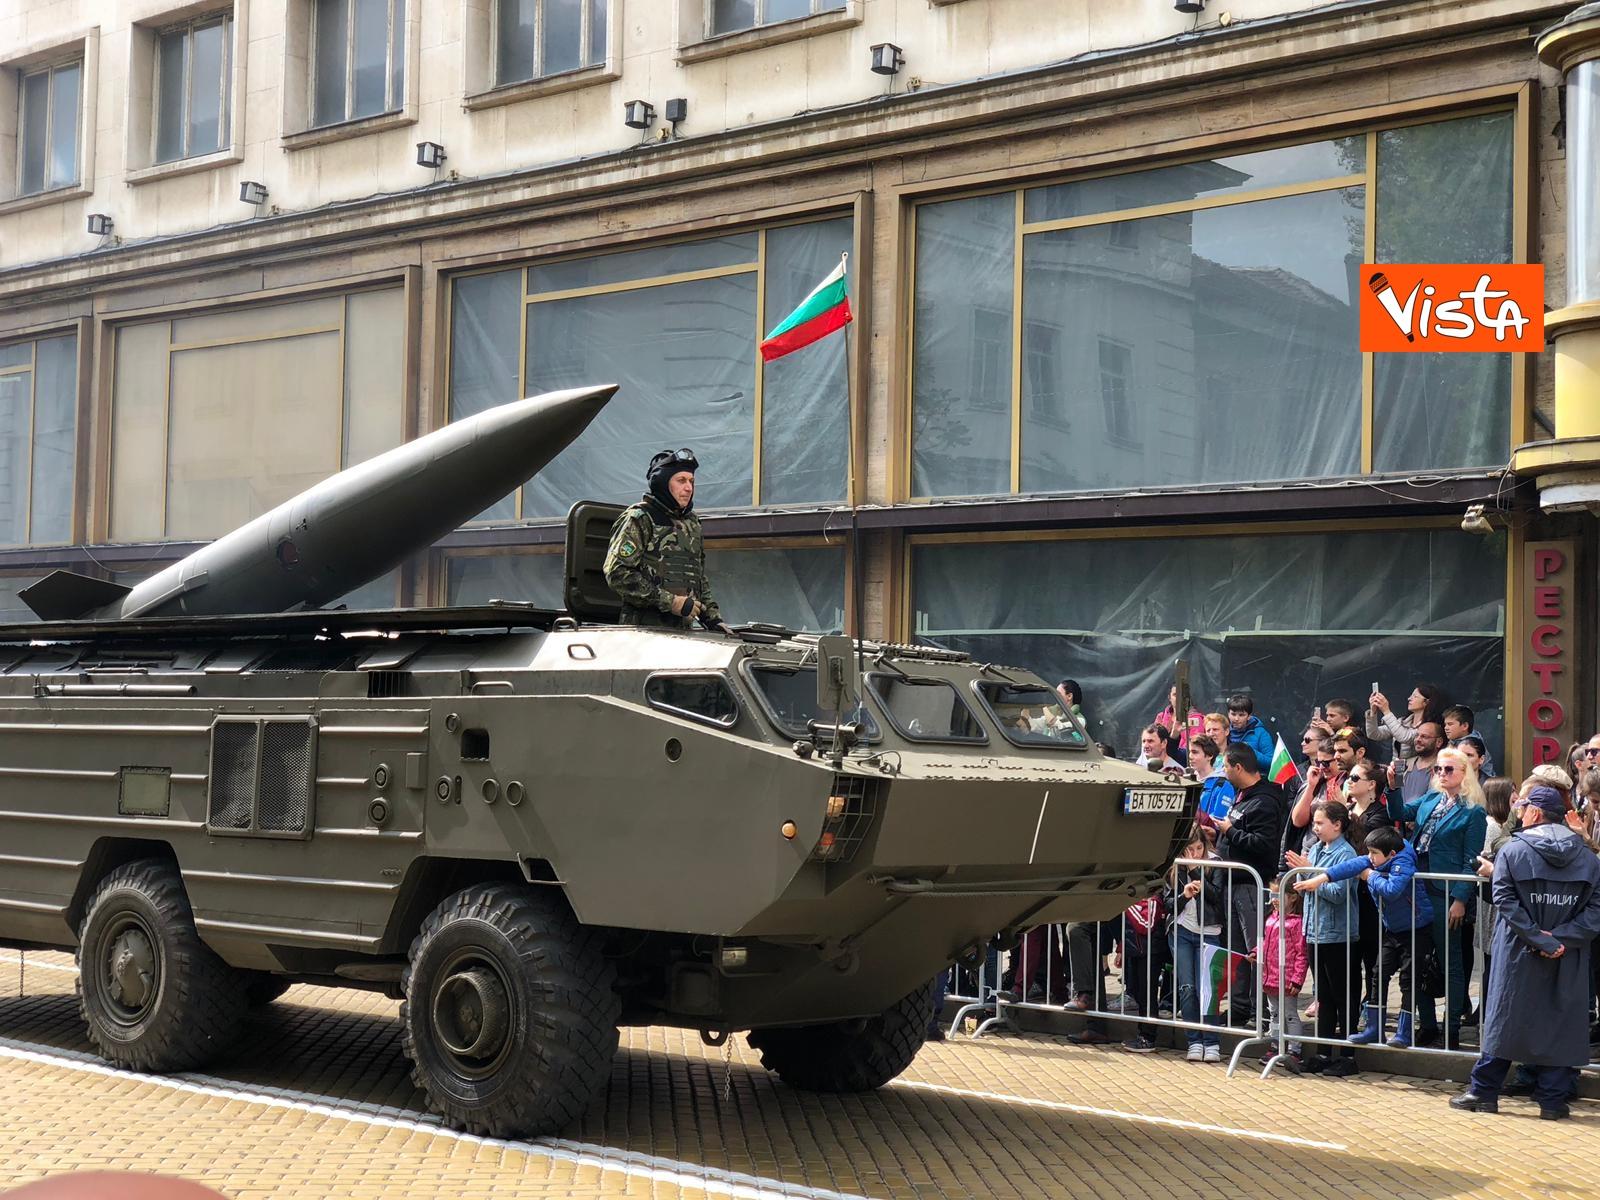 06-05-19 La parata militare a Sofia per la festa dell esercito in occasione di San Giorgio_04